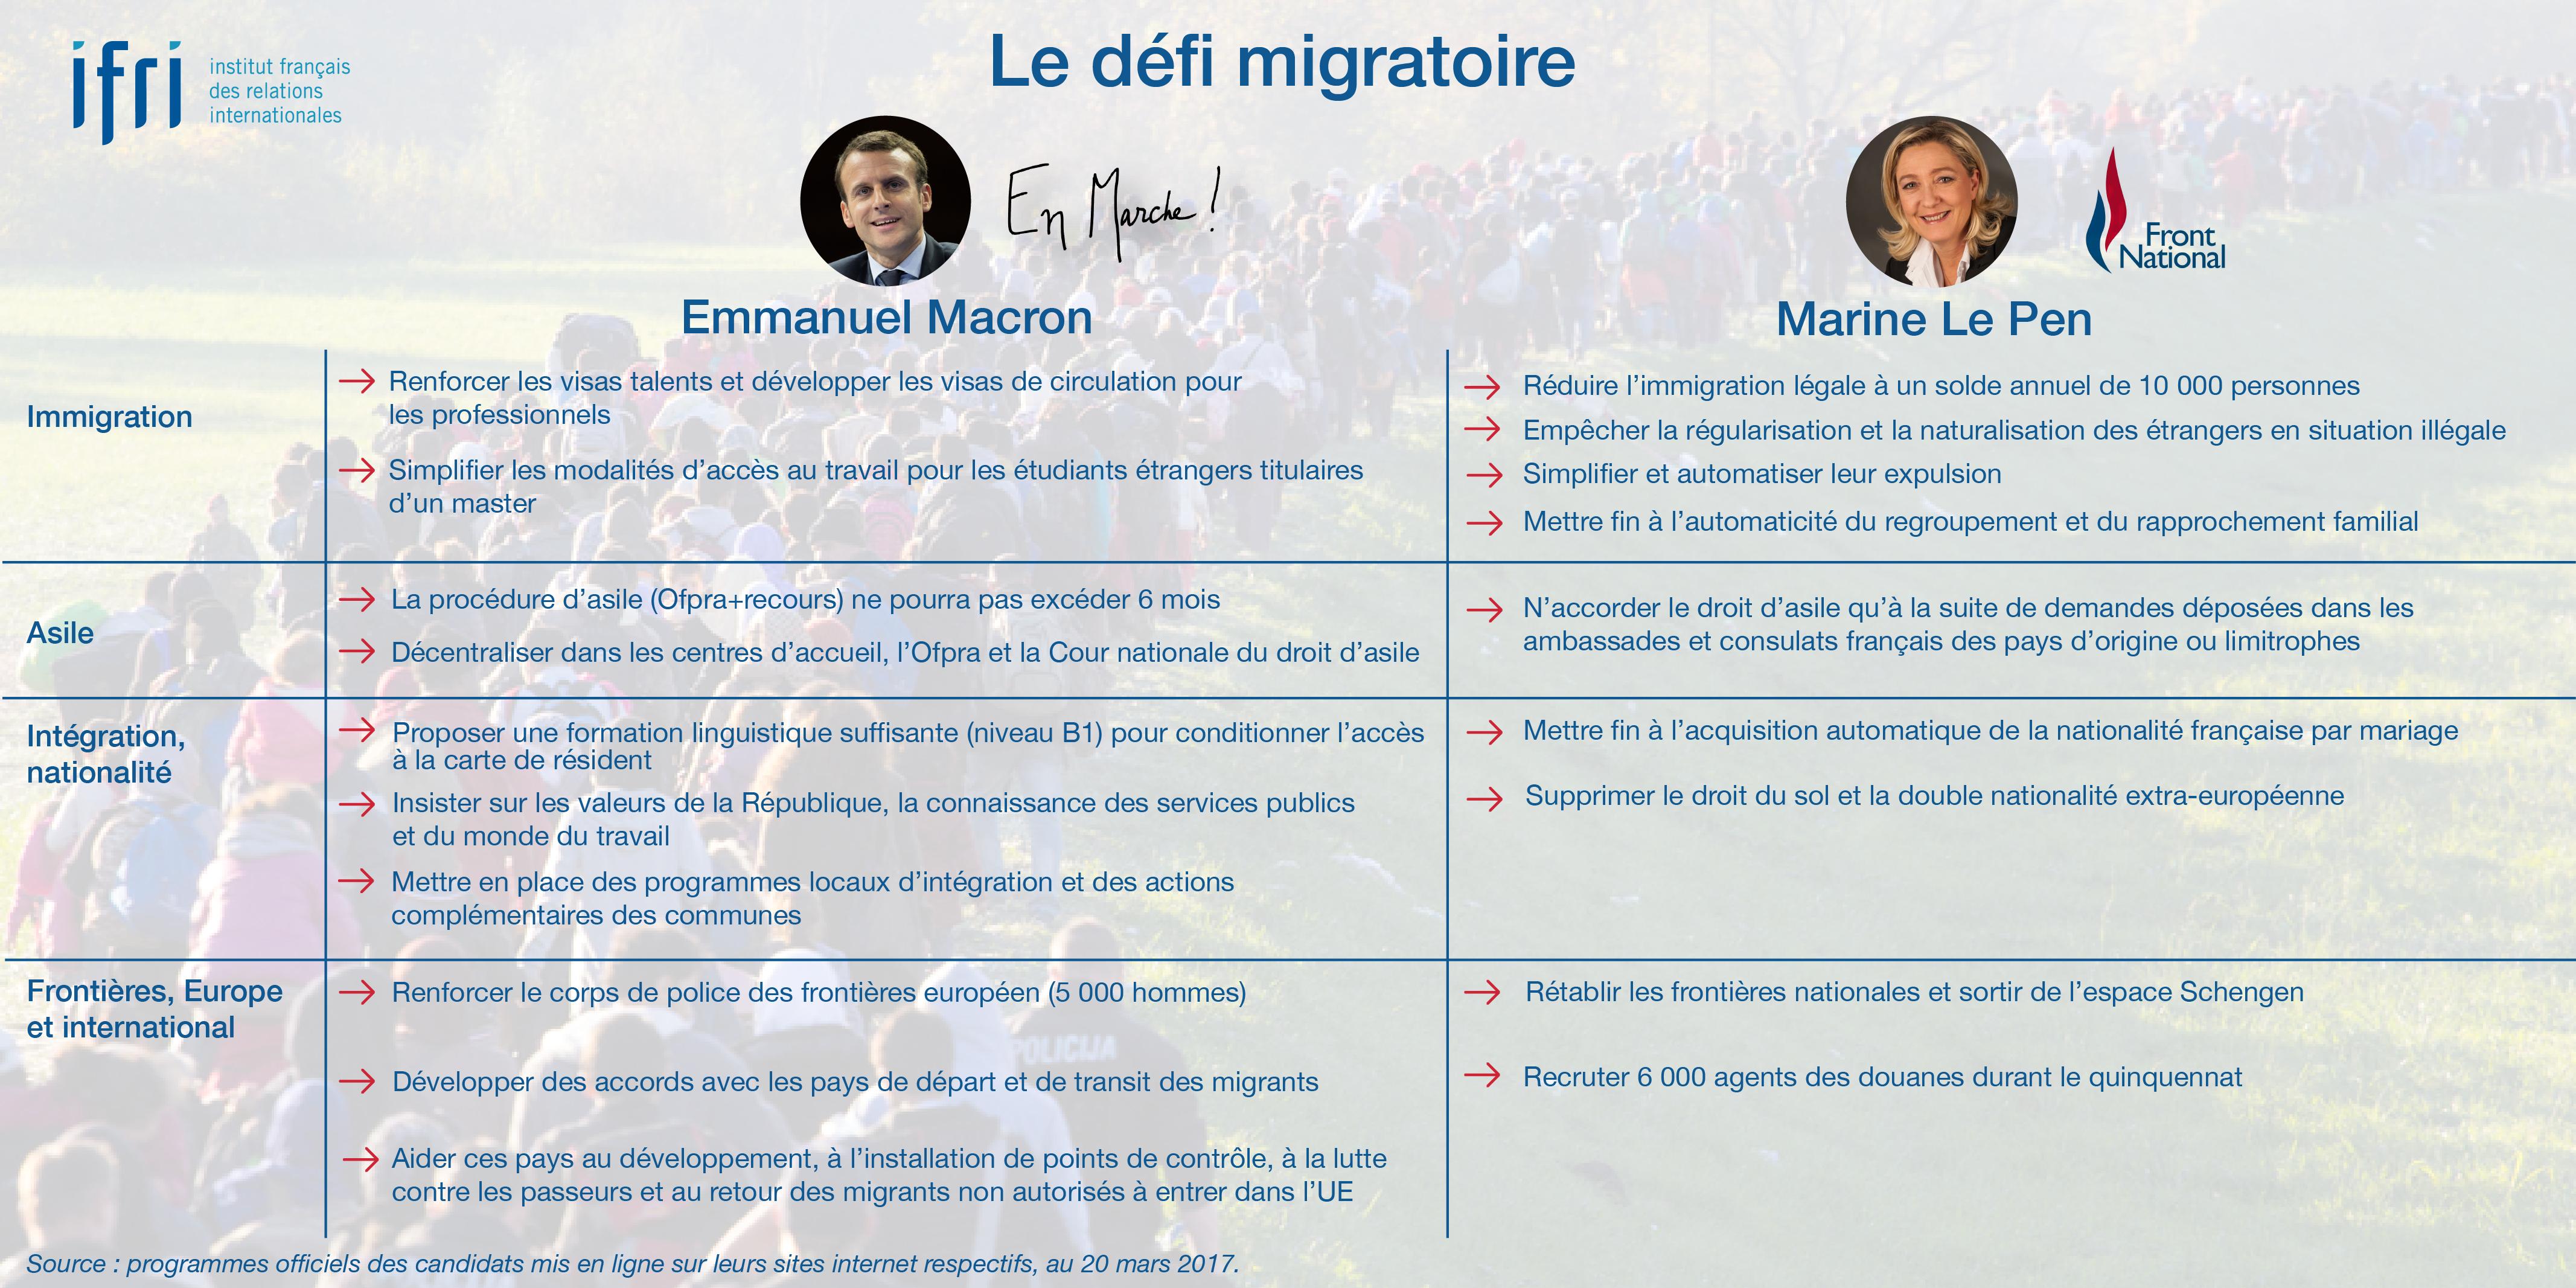 Le défi migratoire - Macron - Le Pen - Présidentielle 2017